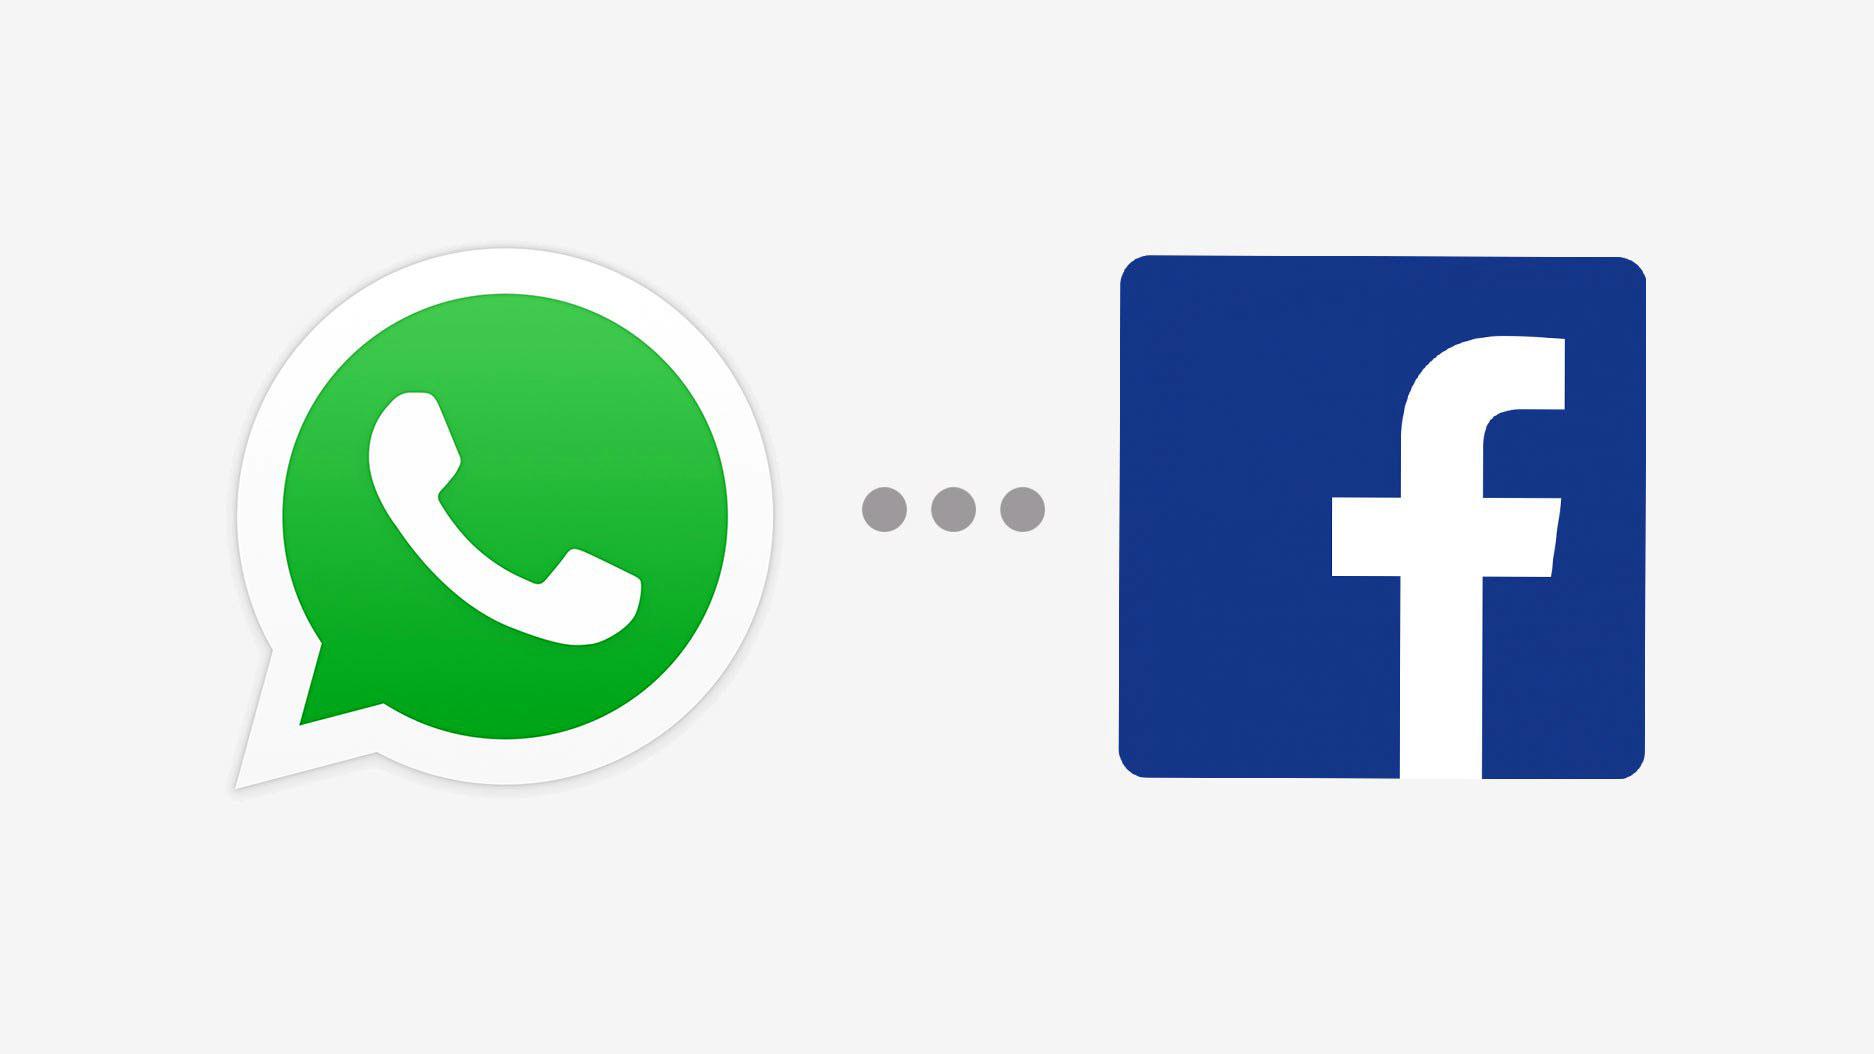 فیسبوک و واتساپ